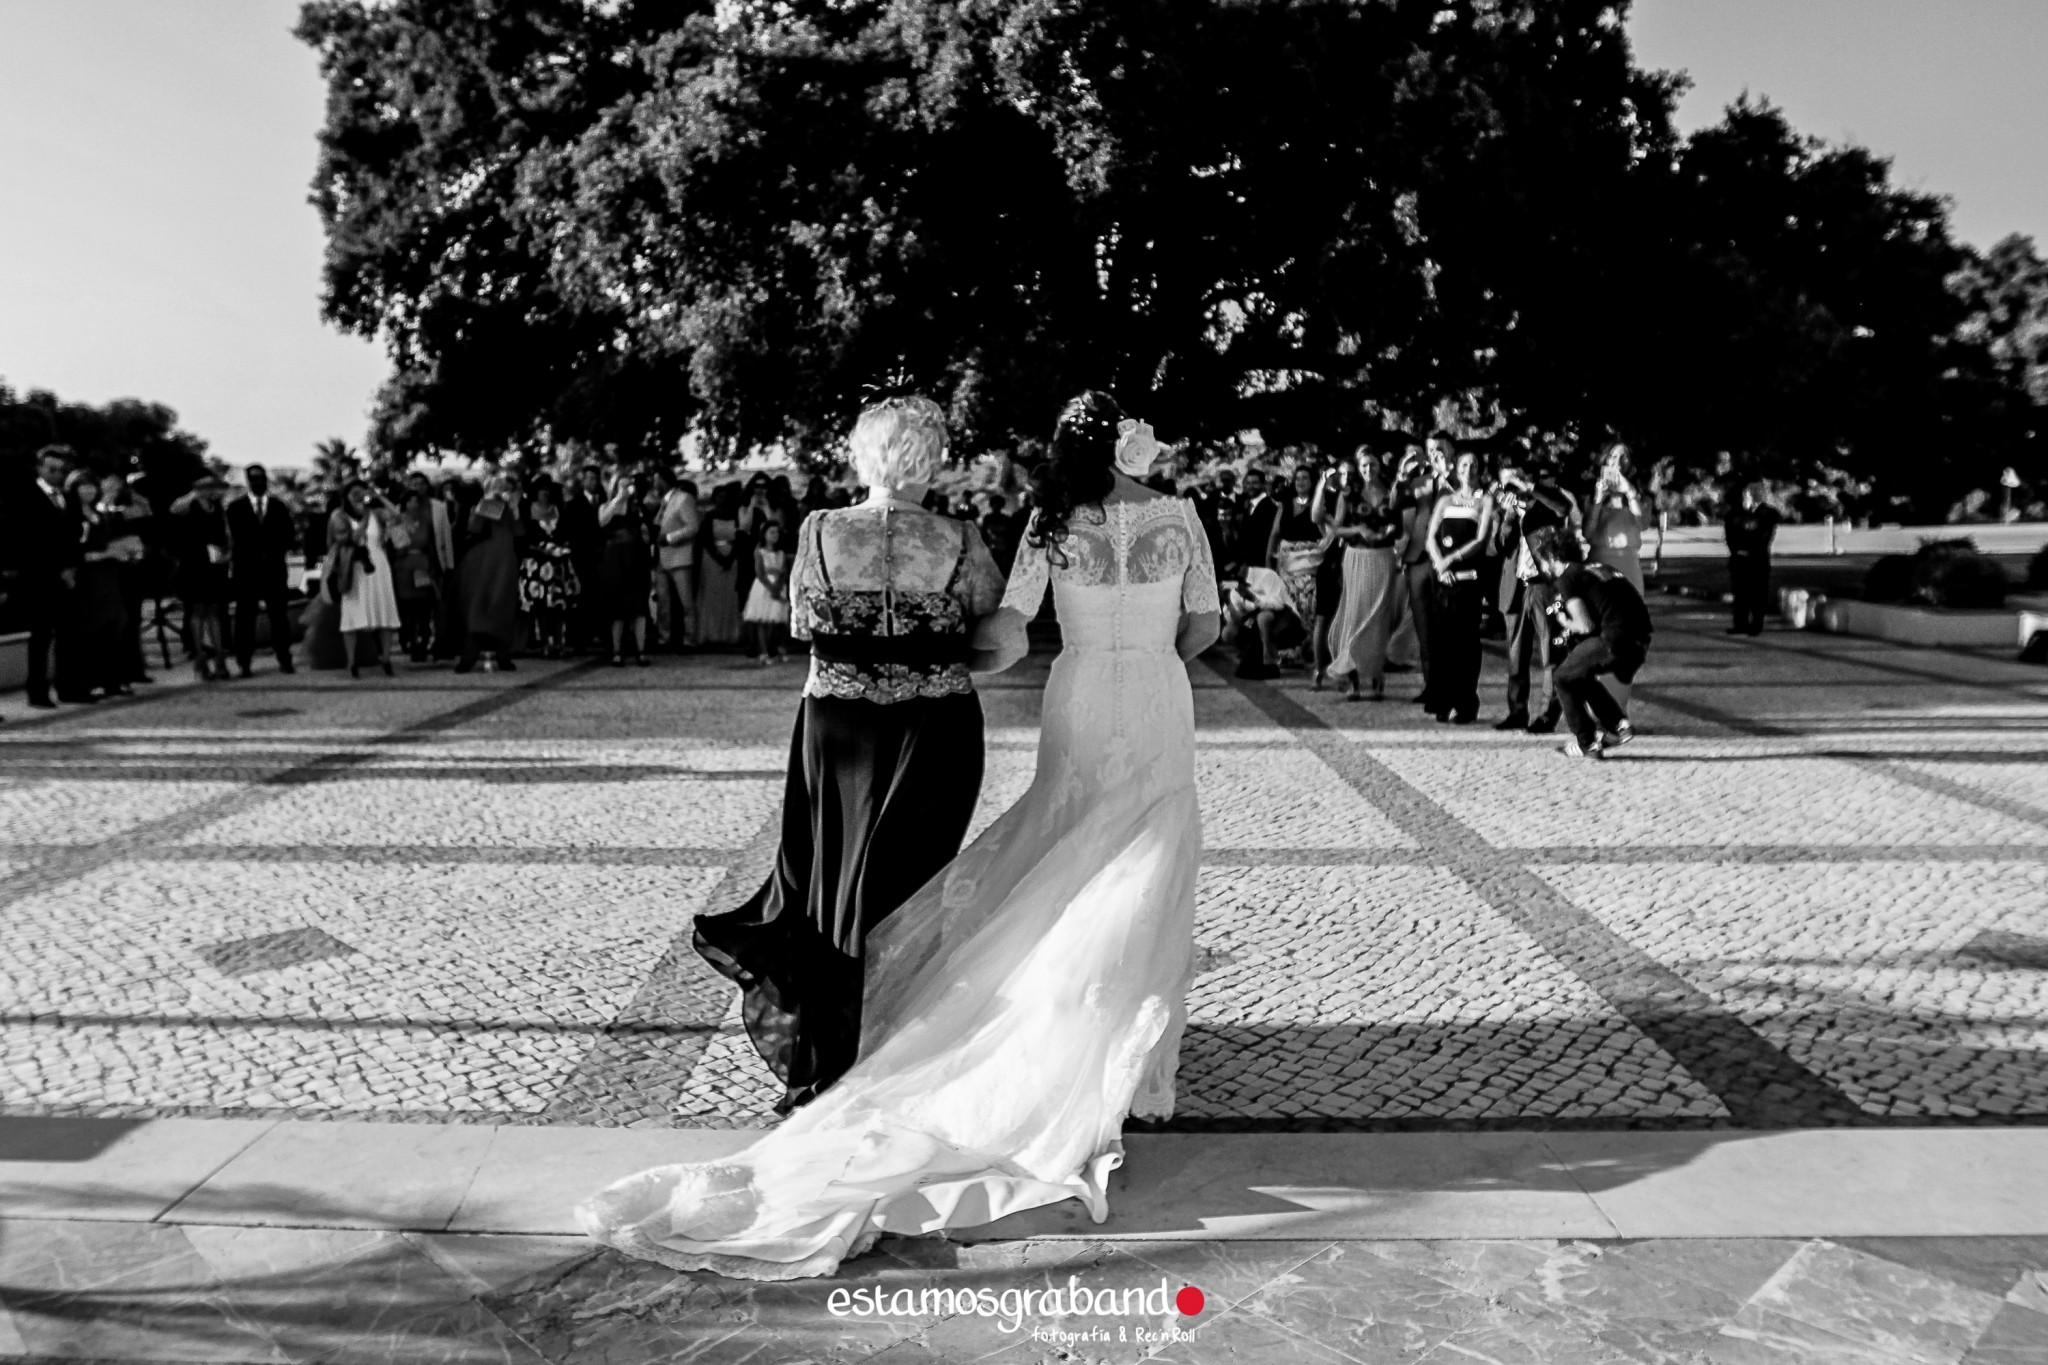 bee-y-juan-10 La boda de Braveheart (Spanish version)_Vee & Juan - video boda cadiz